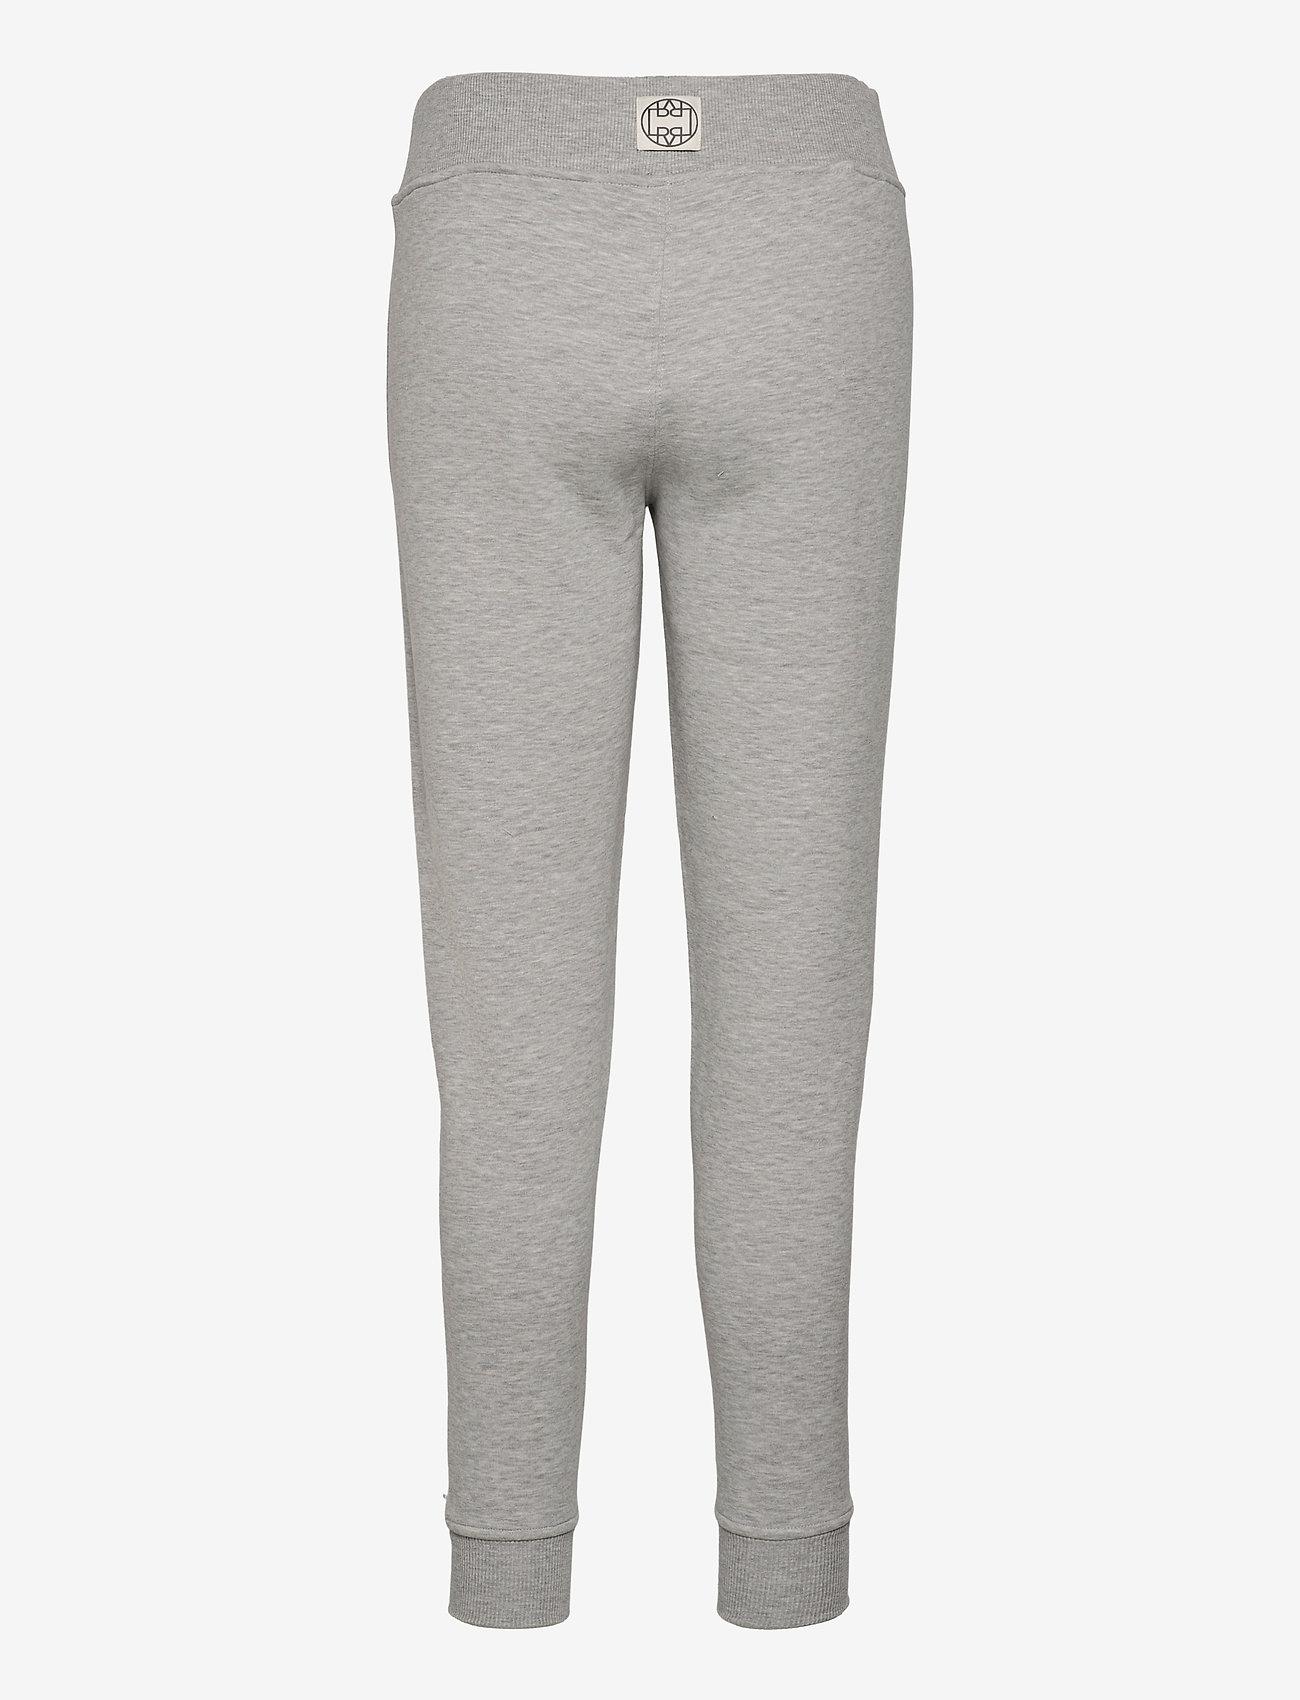 Levete Room - LR-NUKA - clothing - l9950 - light grey melange - 1